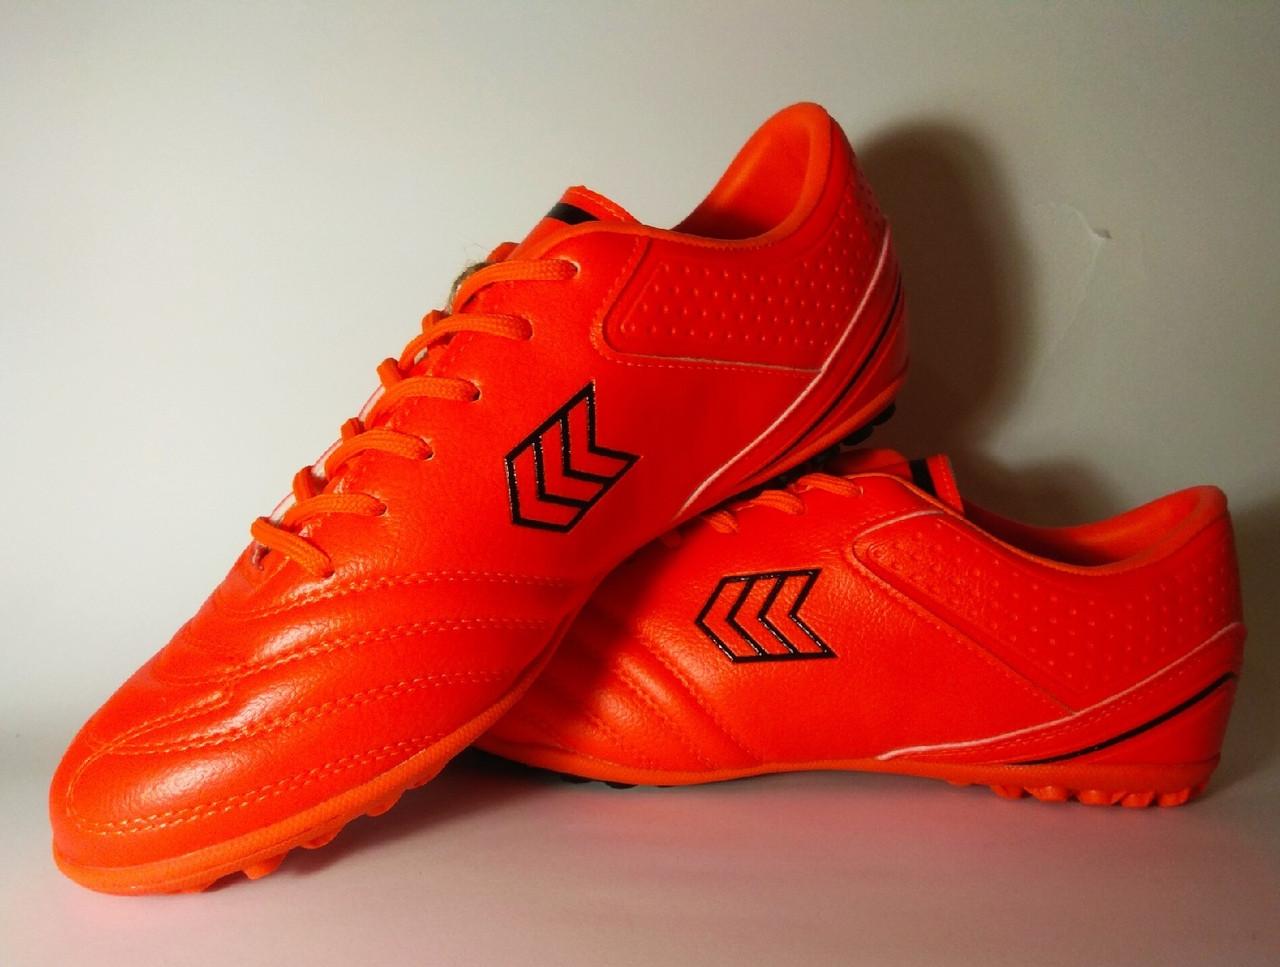 44a3e0296d2ee3 Футбольные сороконожки Restime 41-46 размеры, футбольная обувь, кроссовки  для футбола, бампы